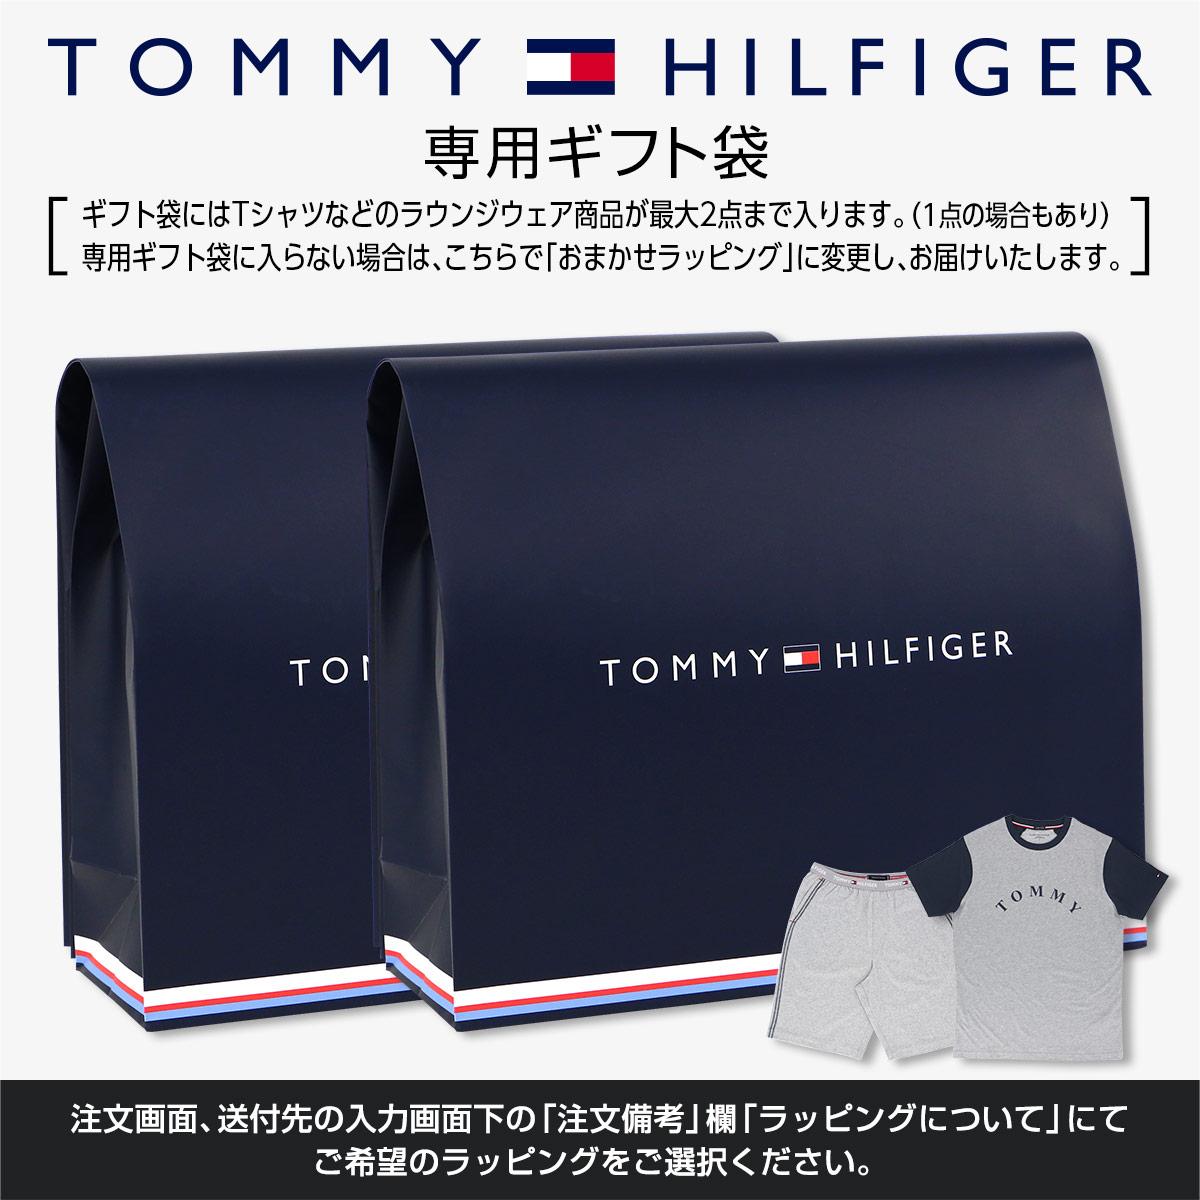 TOMMY HILFIGERラウンジウエアギフトラッピング